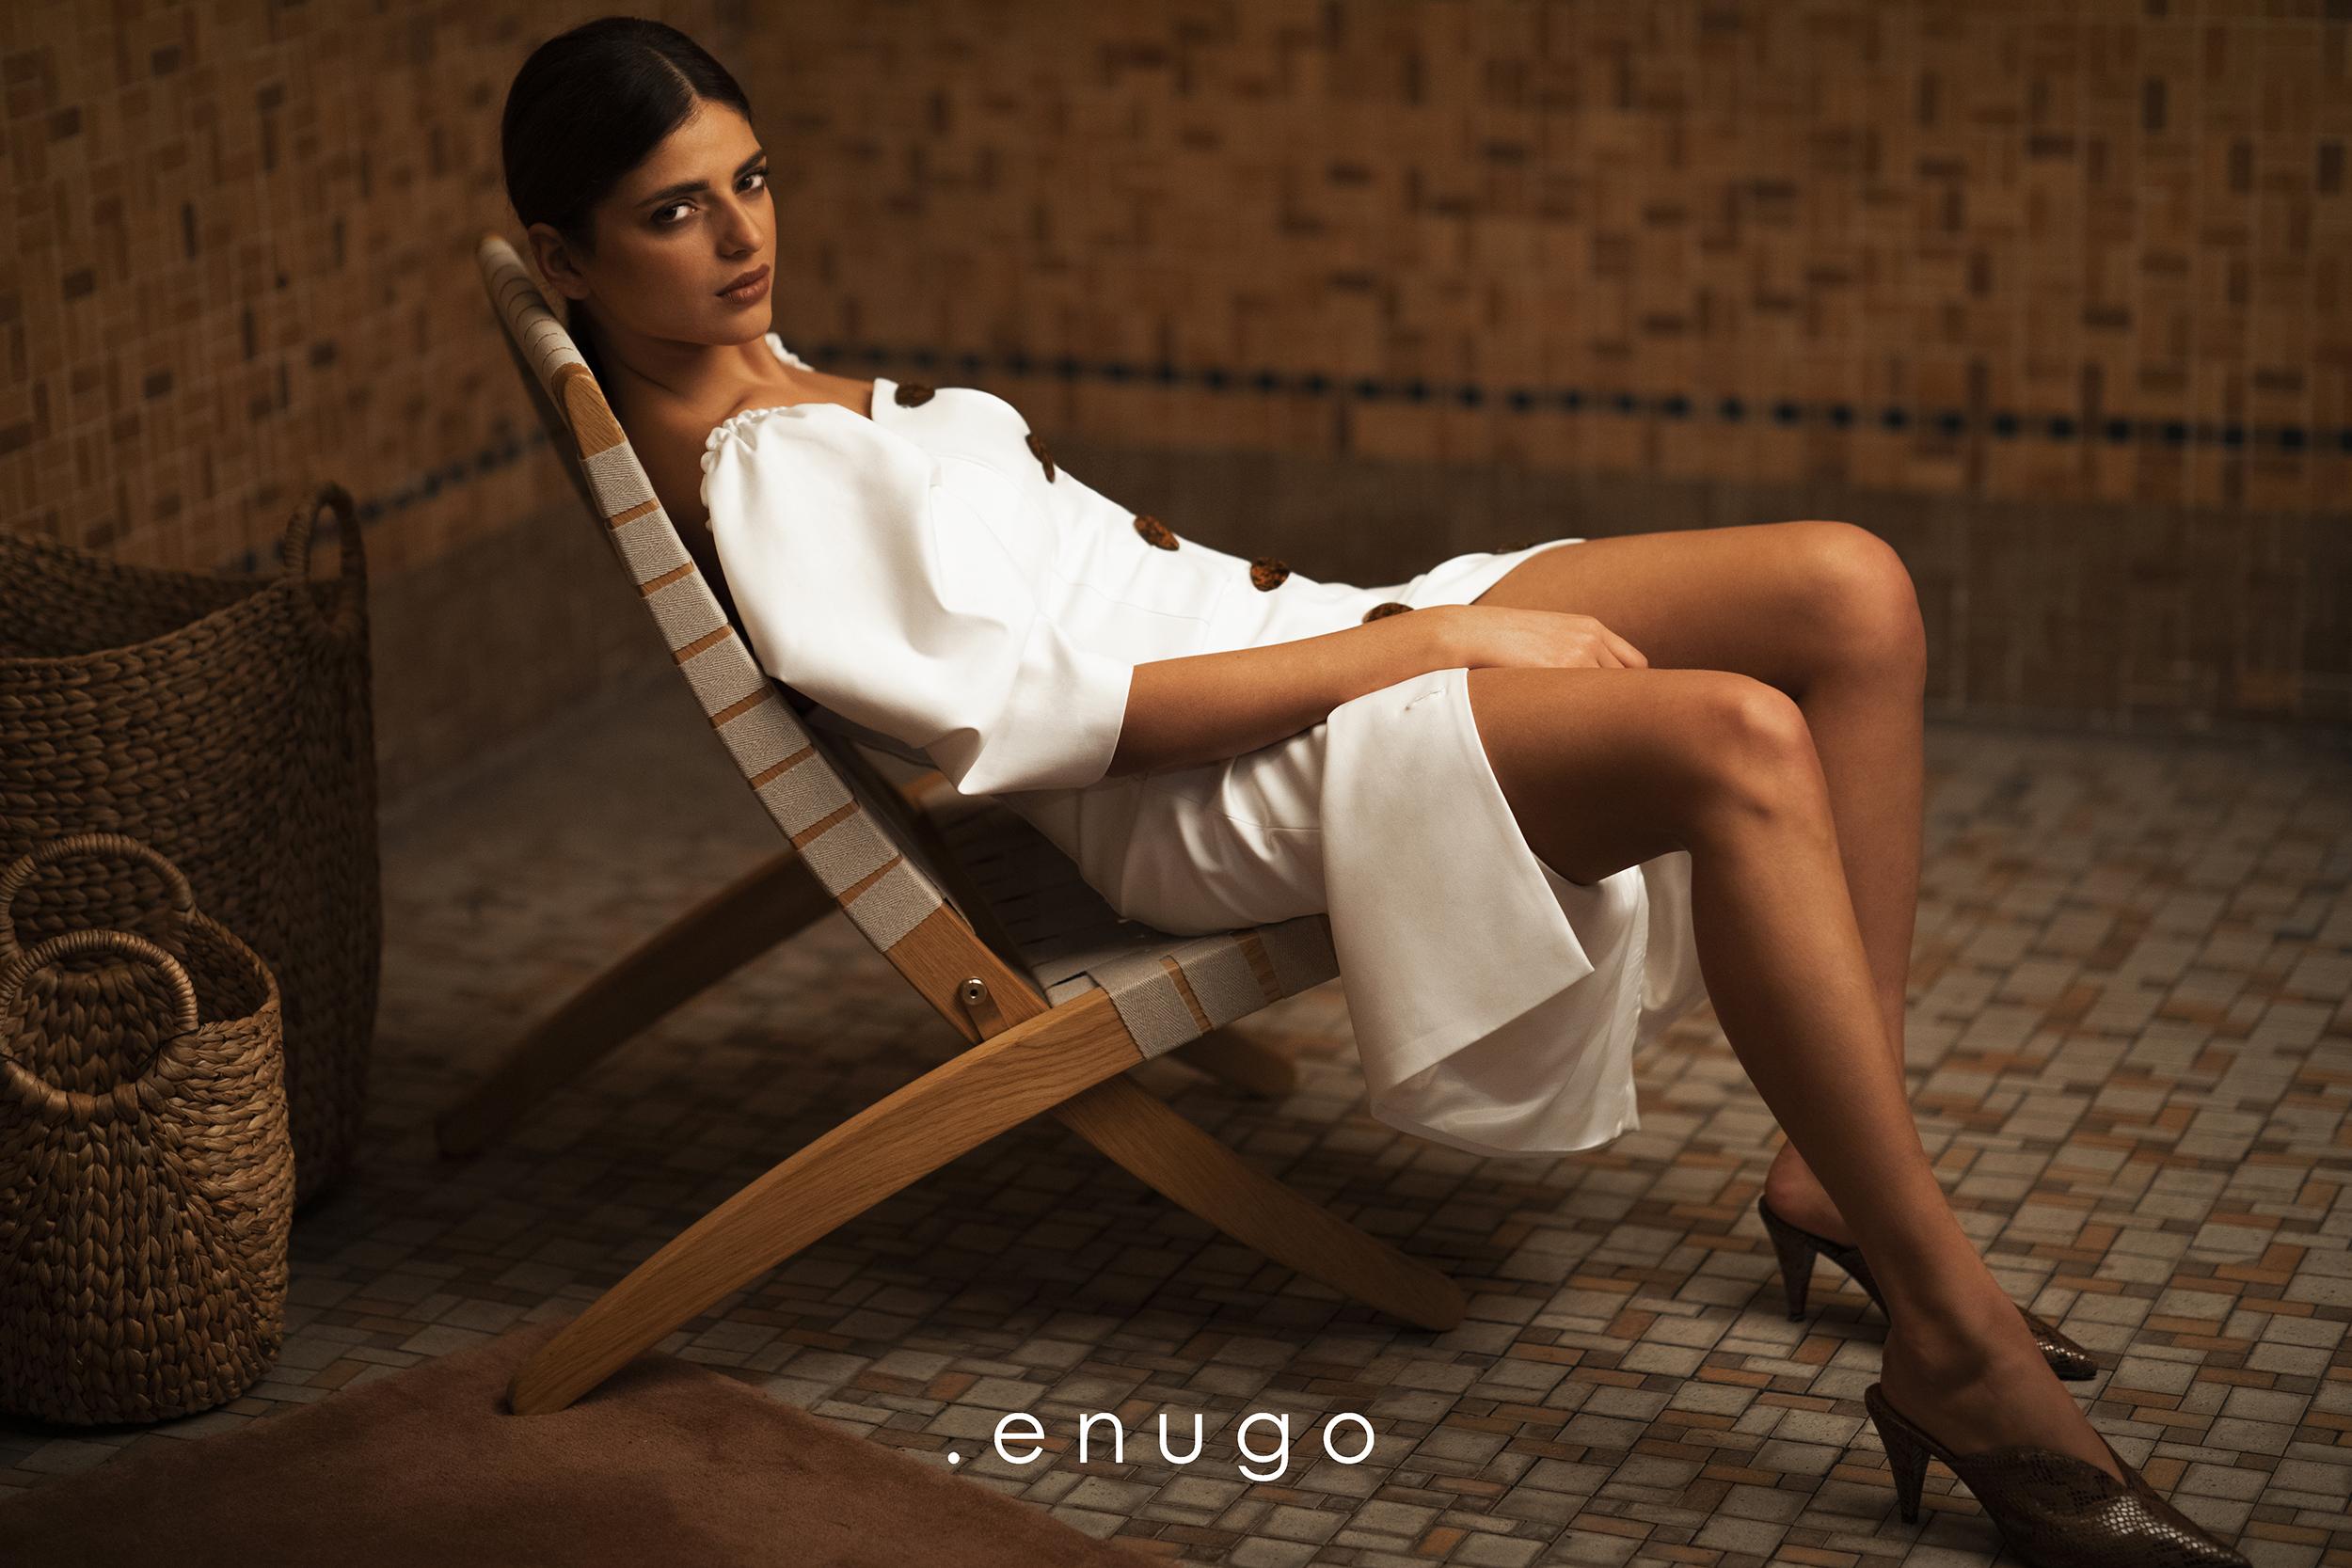 Enugo_layout_1.jpg